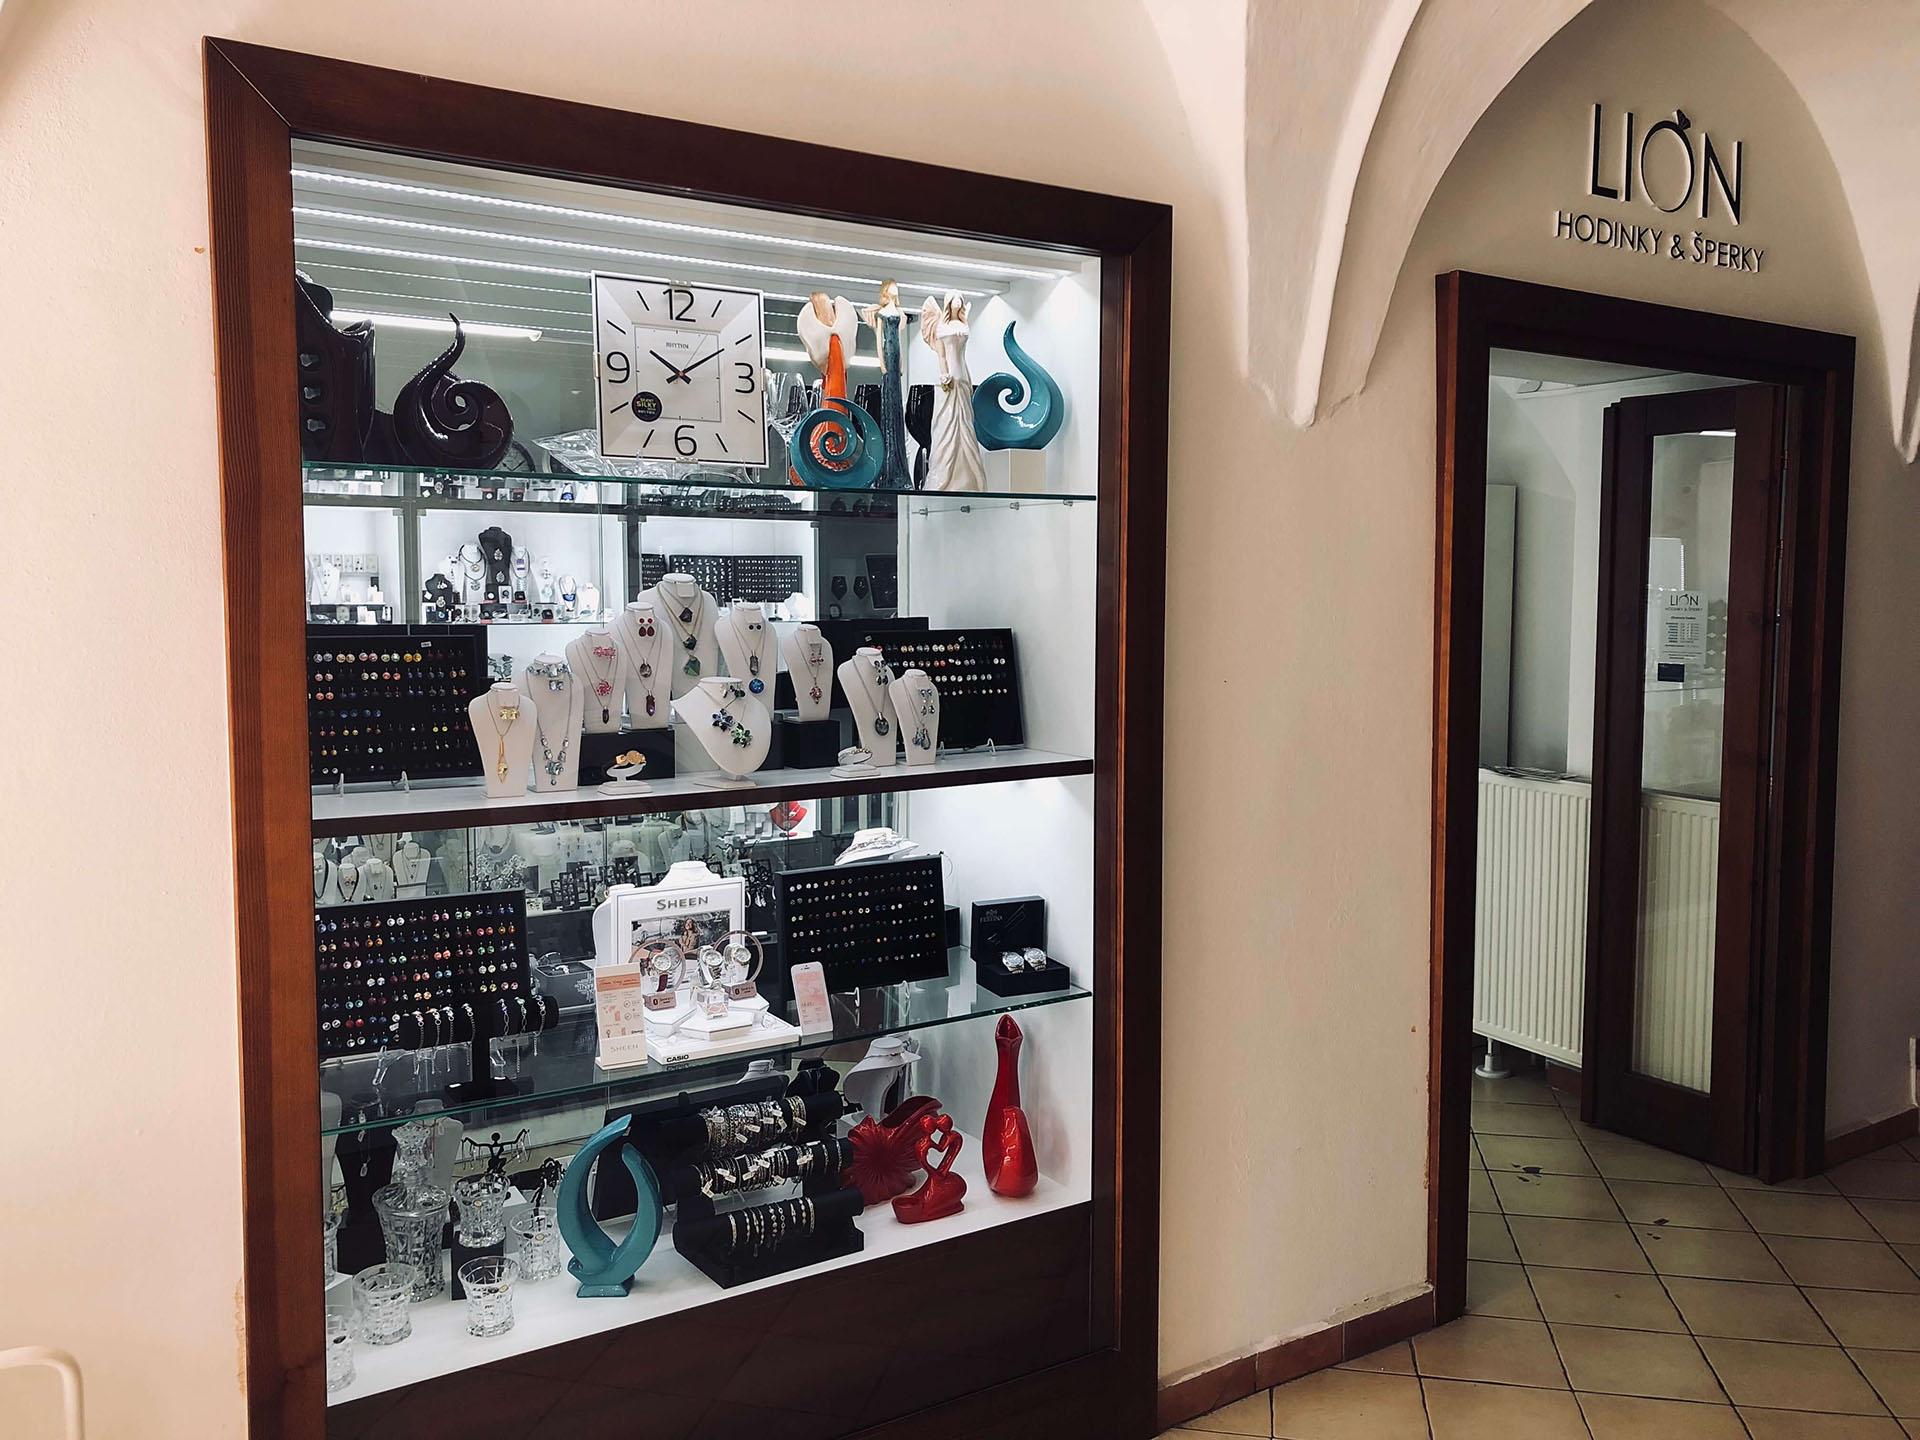 bfa1e13c3 LION hodinky&šperky, Hlavná 120, 080 01 Prešov